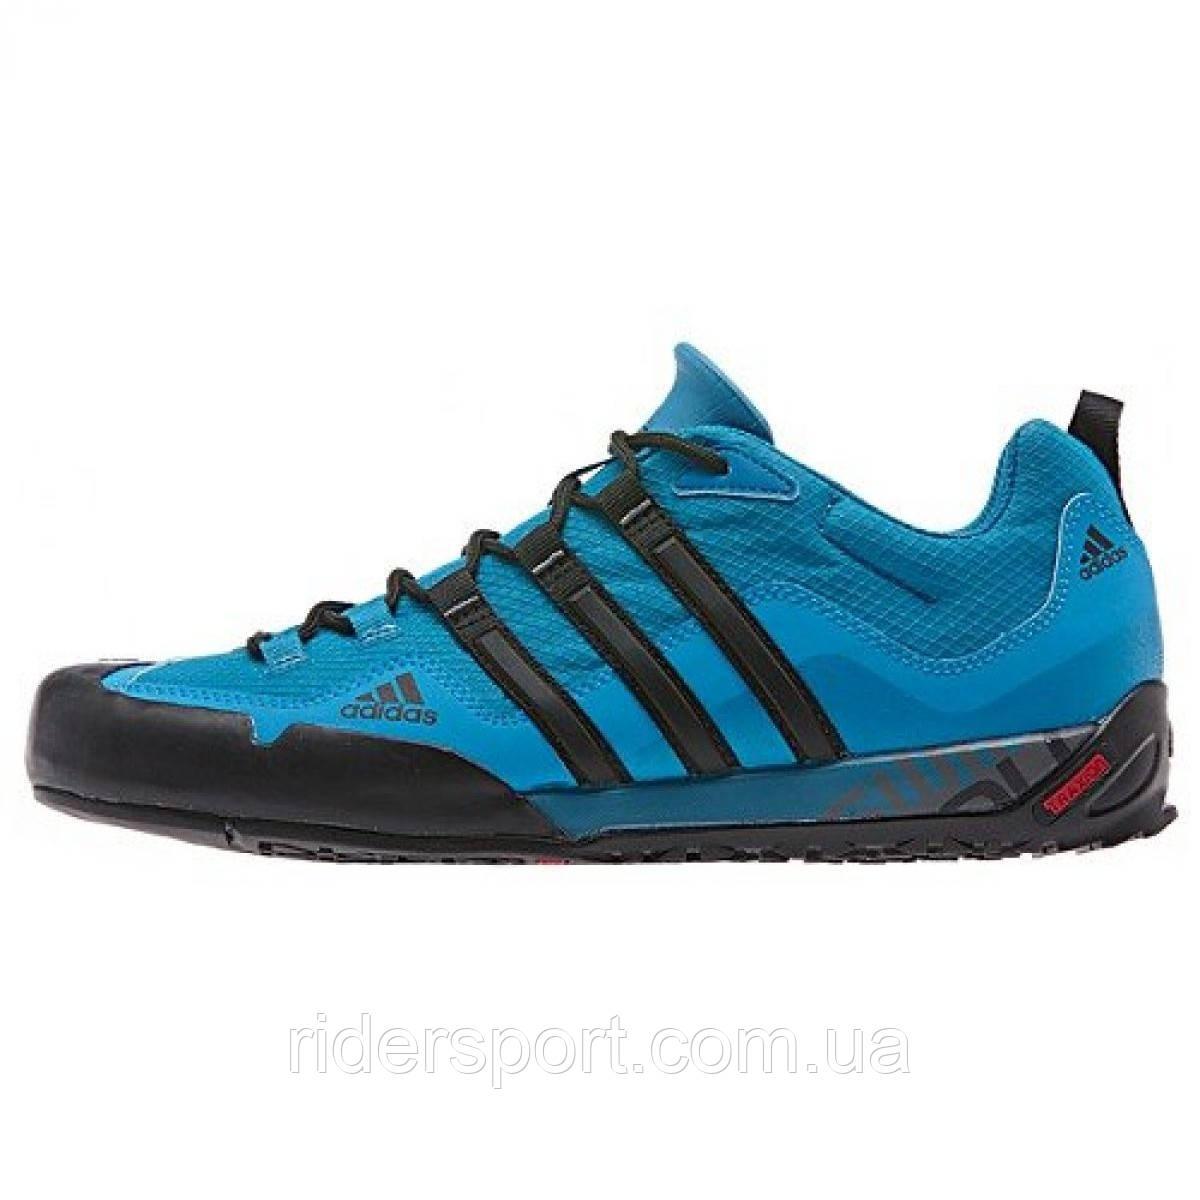 Кросівки Adidas TERREX SWIFT SOLO D67033